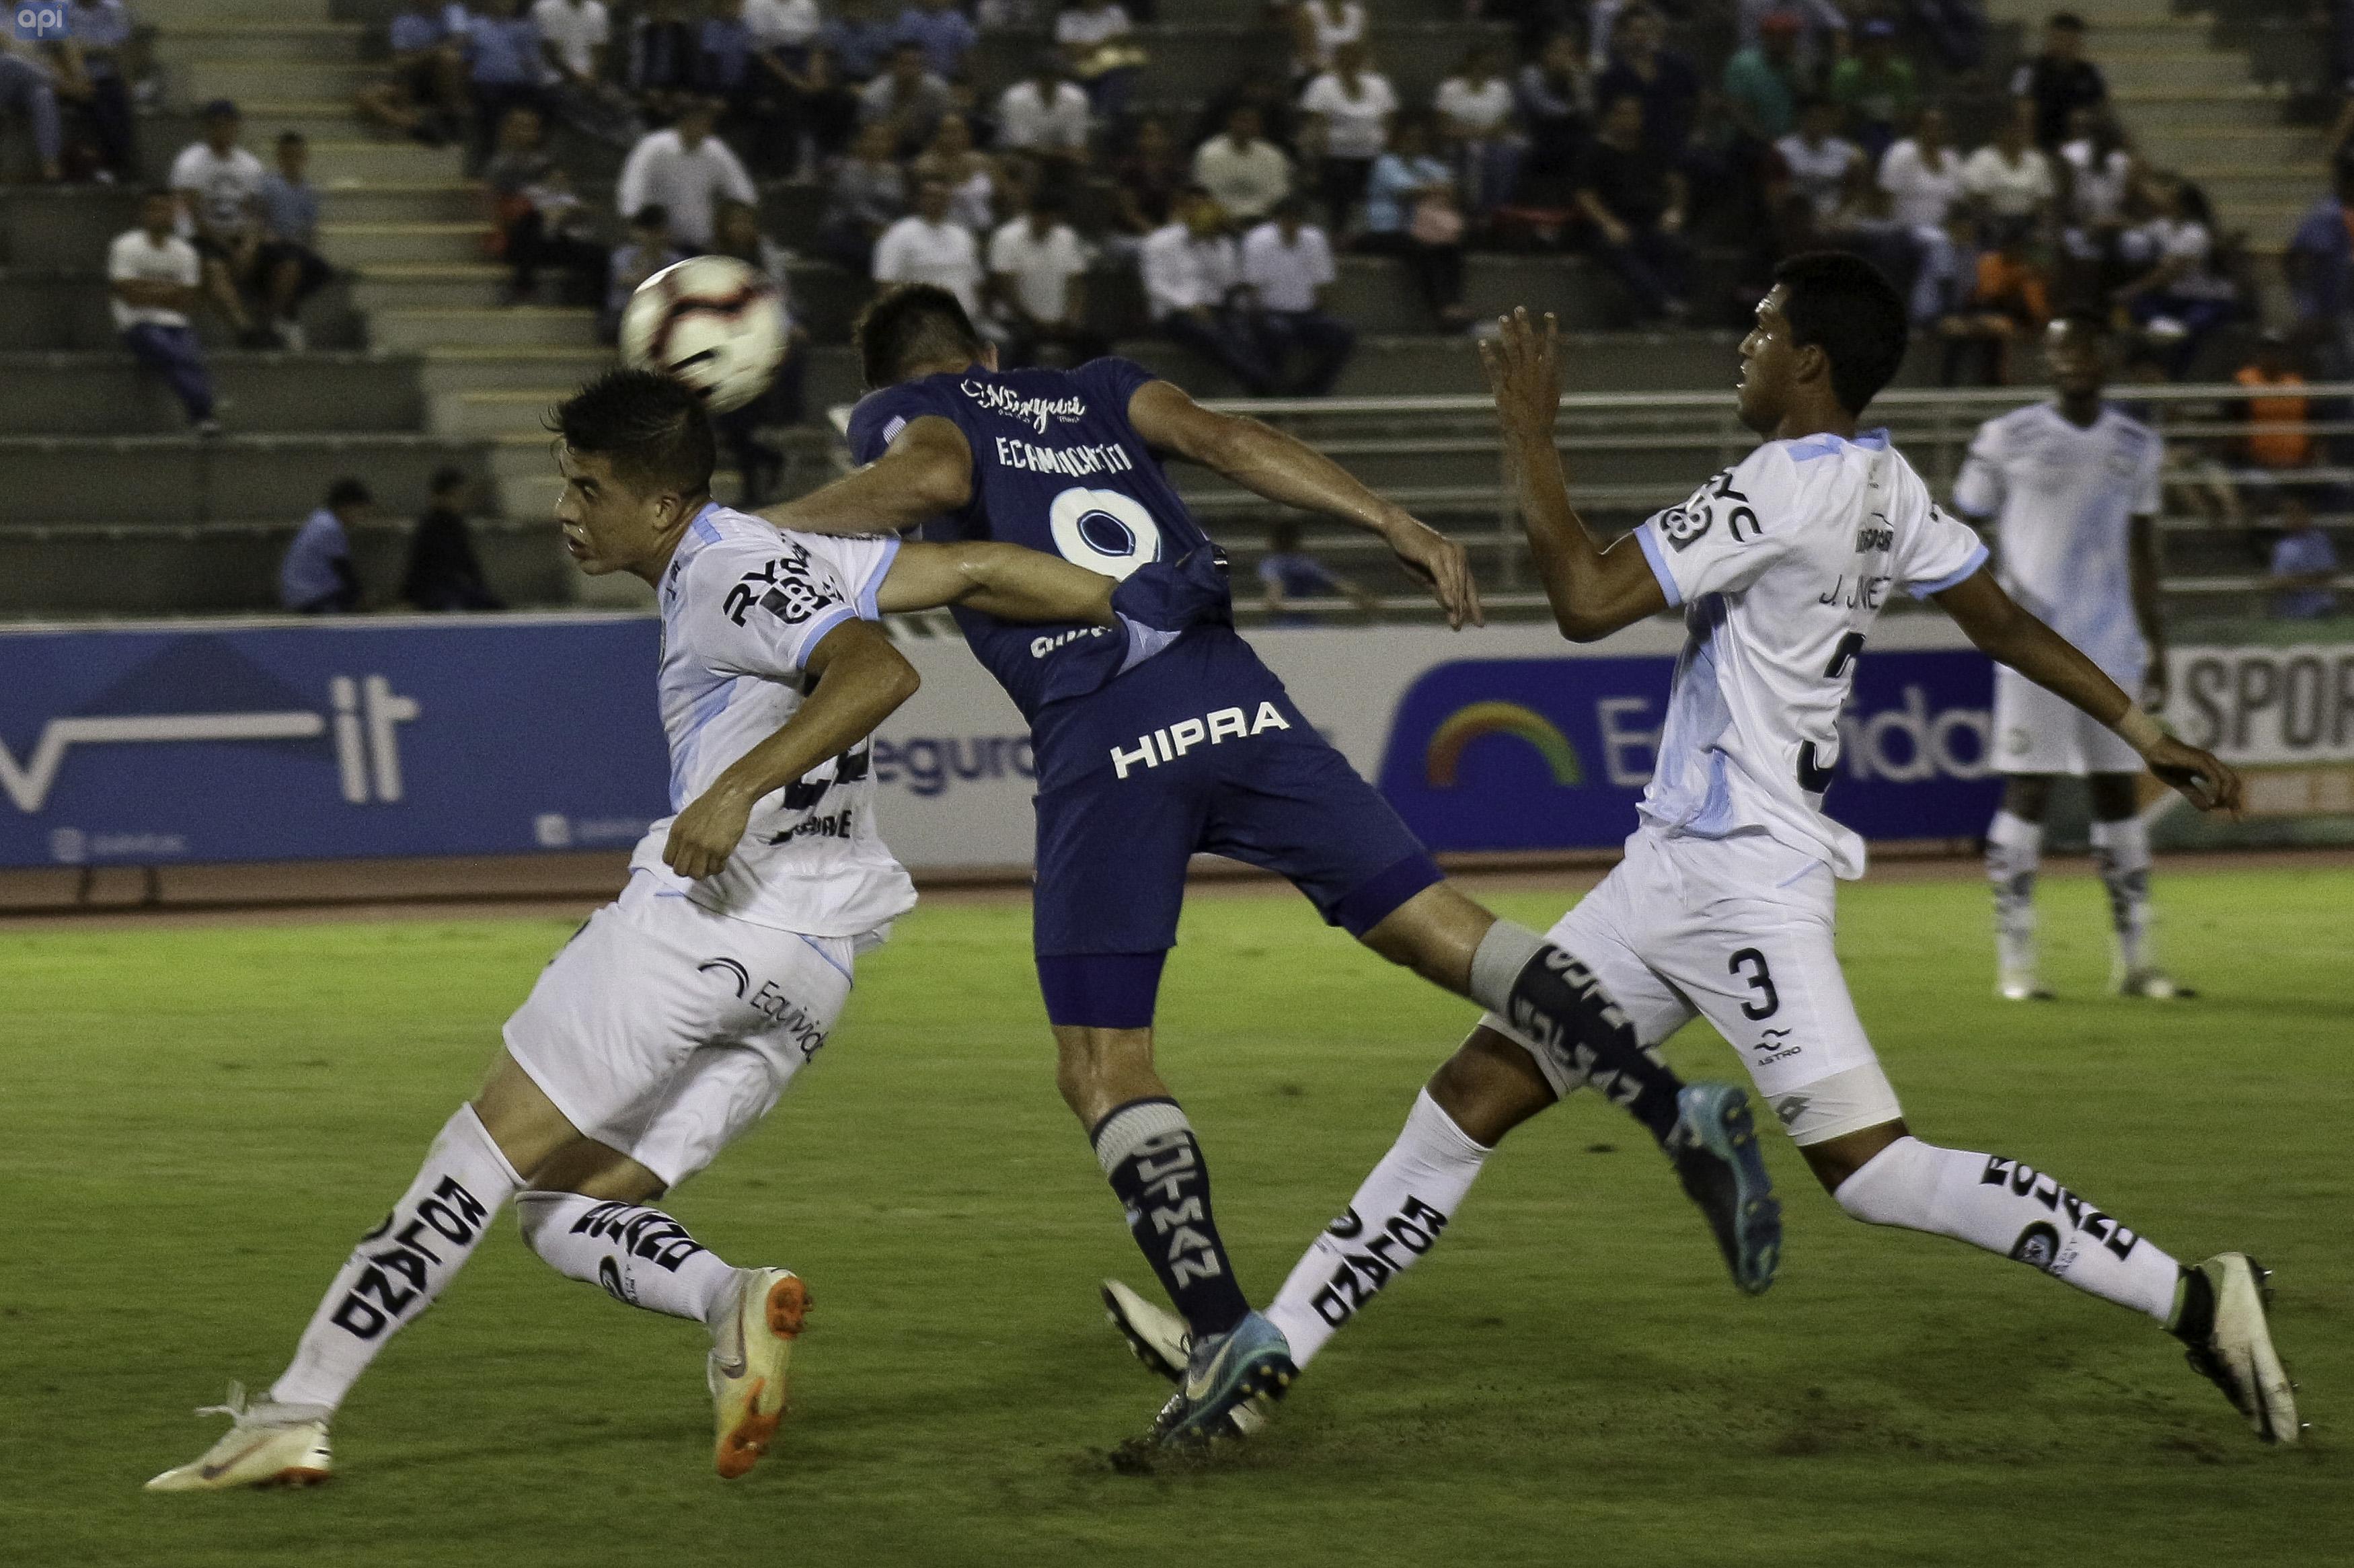 El primer partido del campeonato se vivió con pocas emociones, Guayaquil City y Macará no se hicieron daño en el Puerto Principal